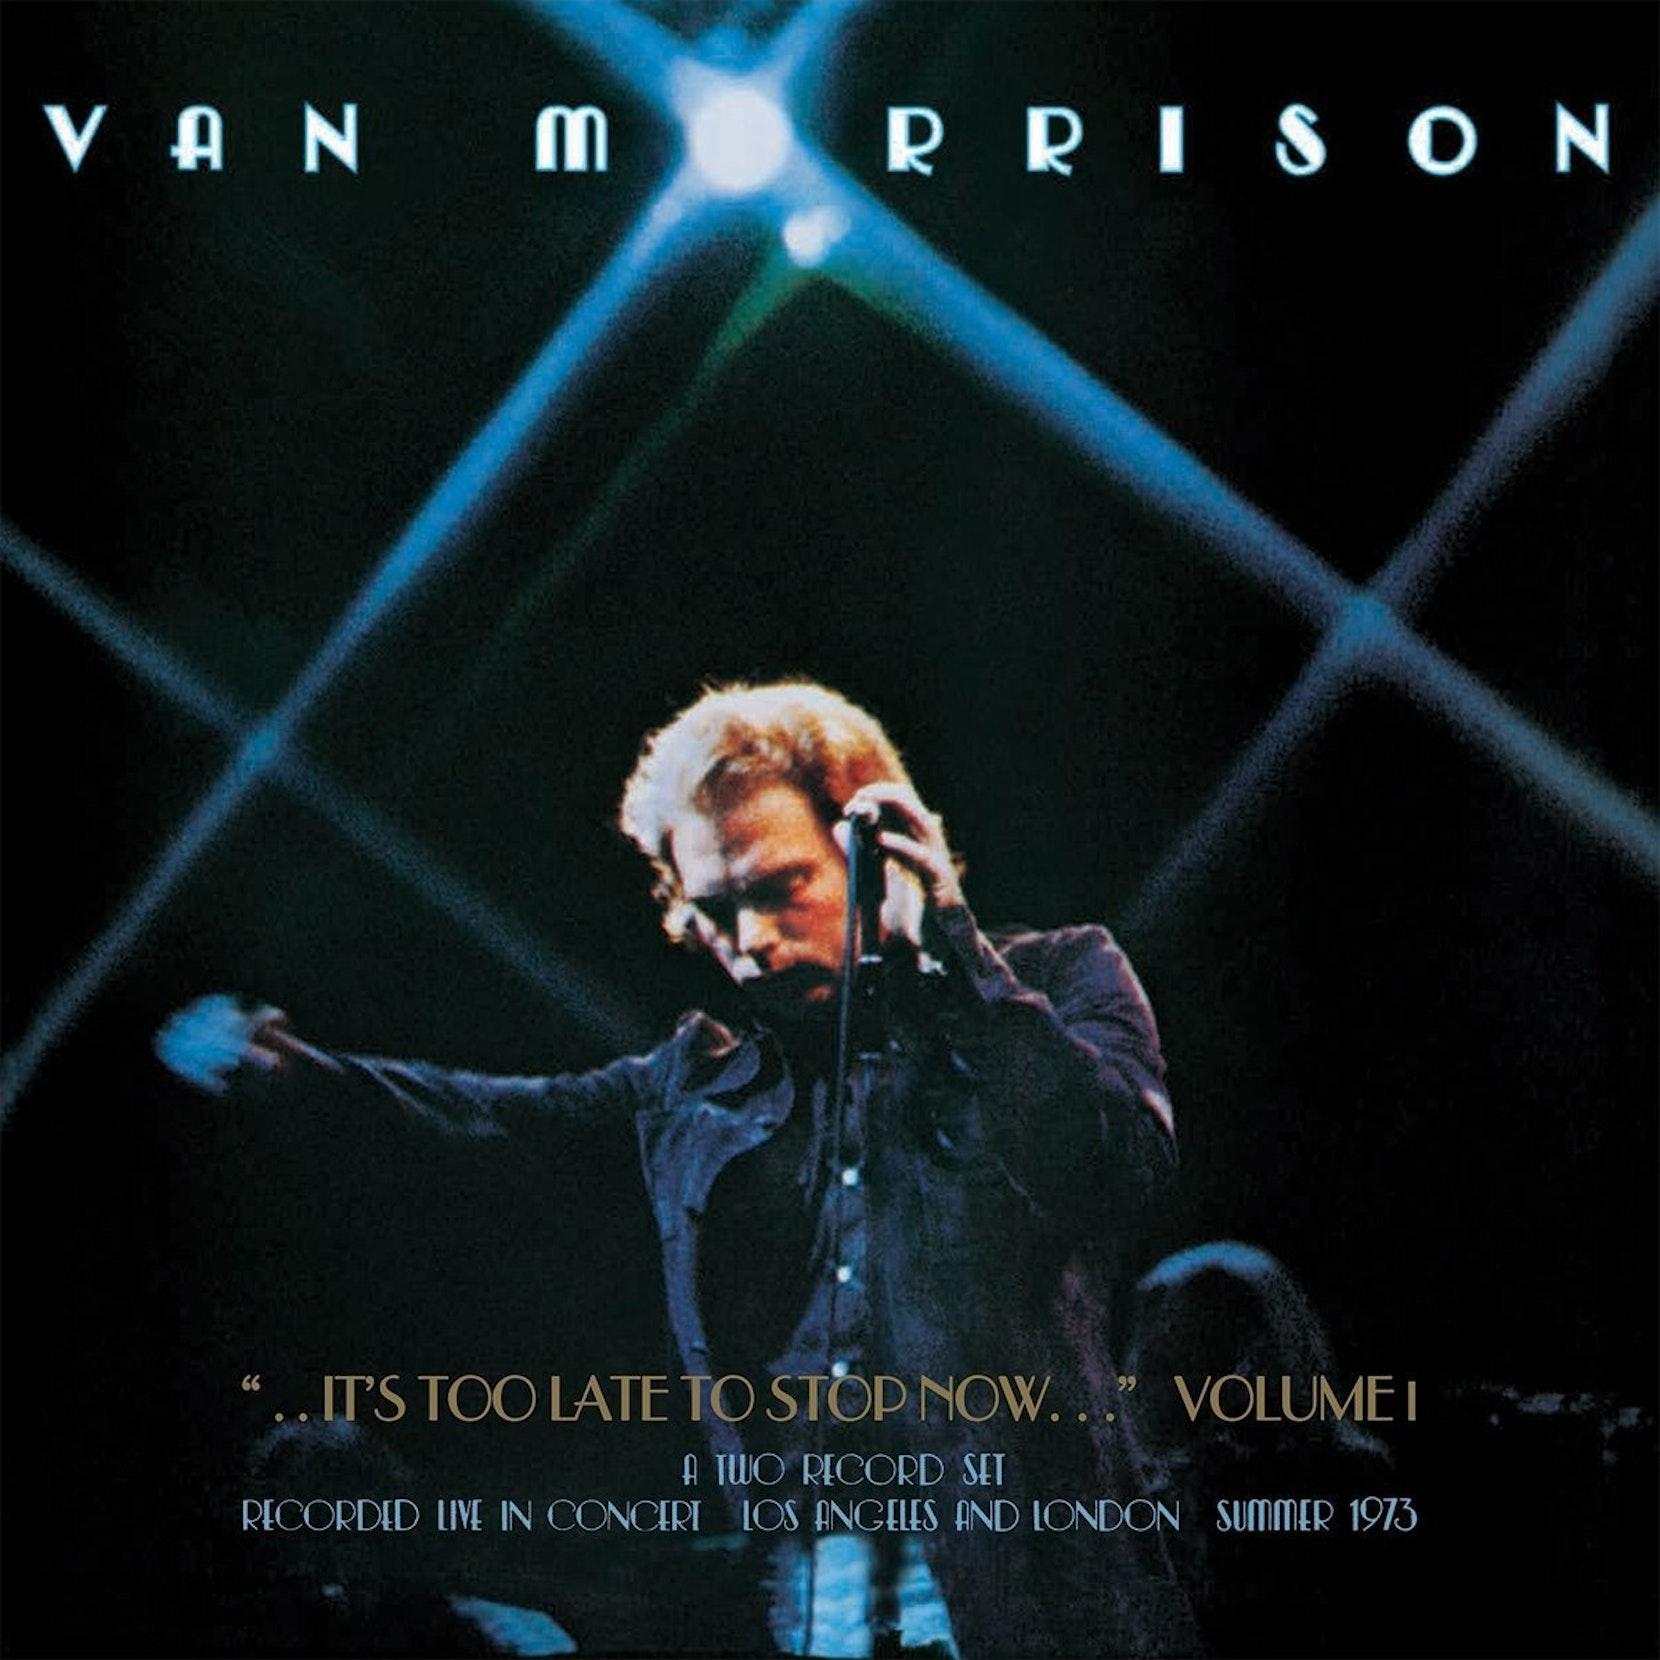 The 10 Best Van Morrison Albums To Own On Vinyl — Vinyl Me